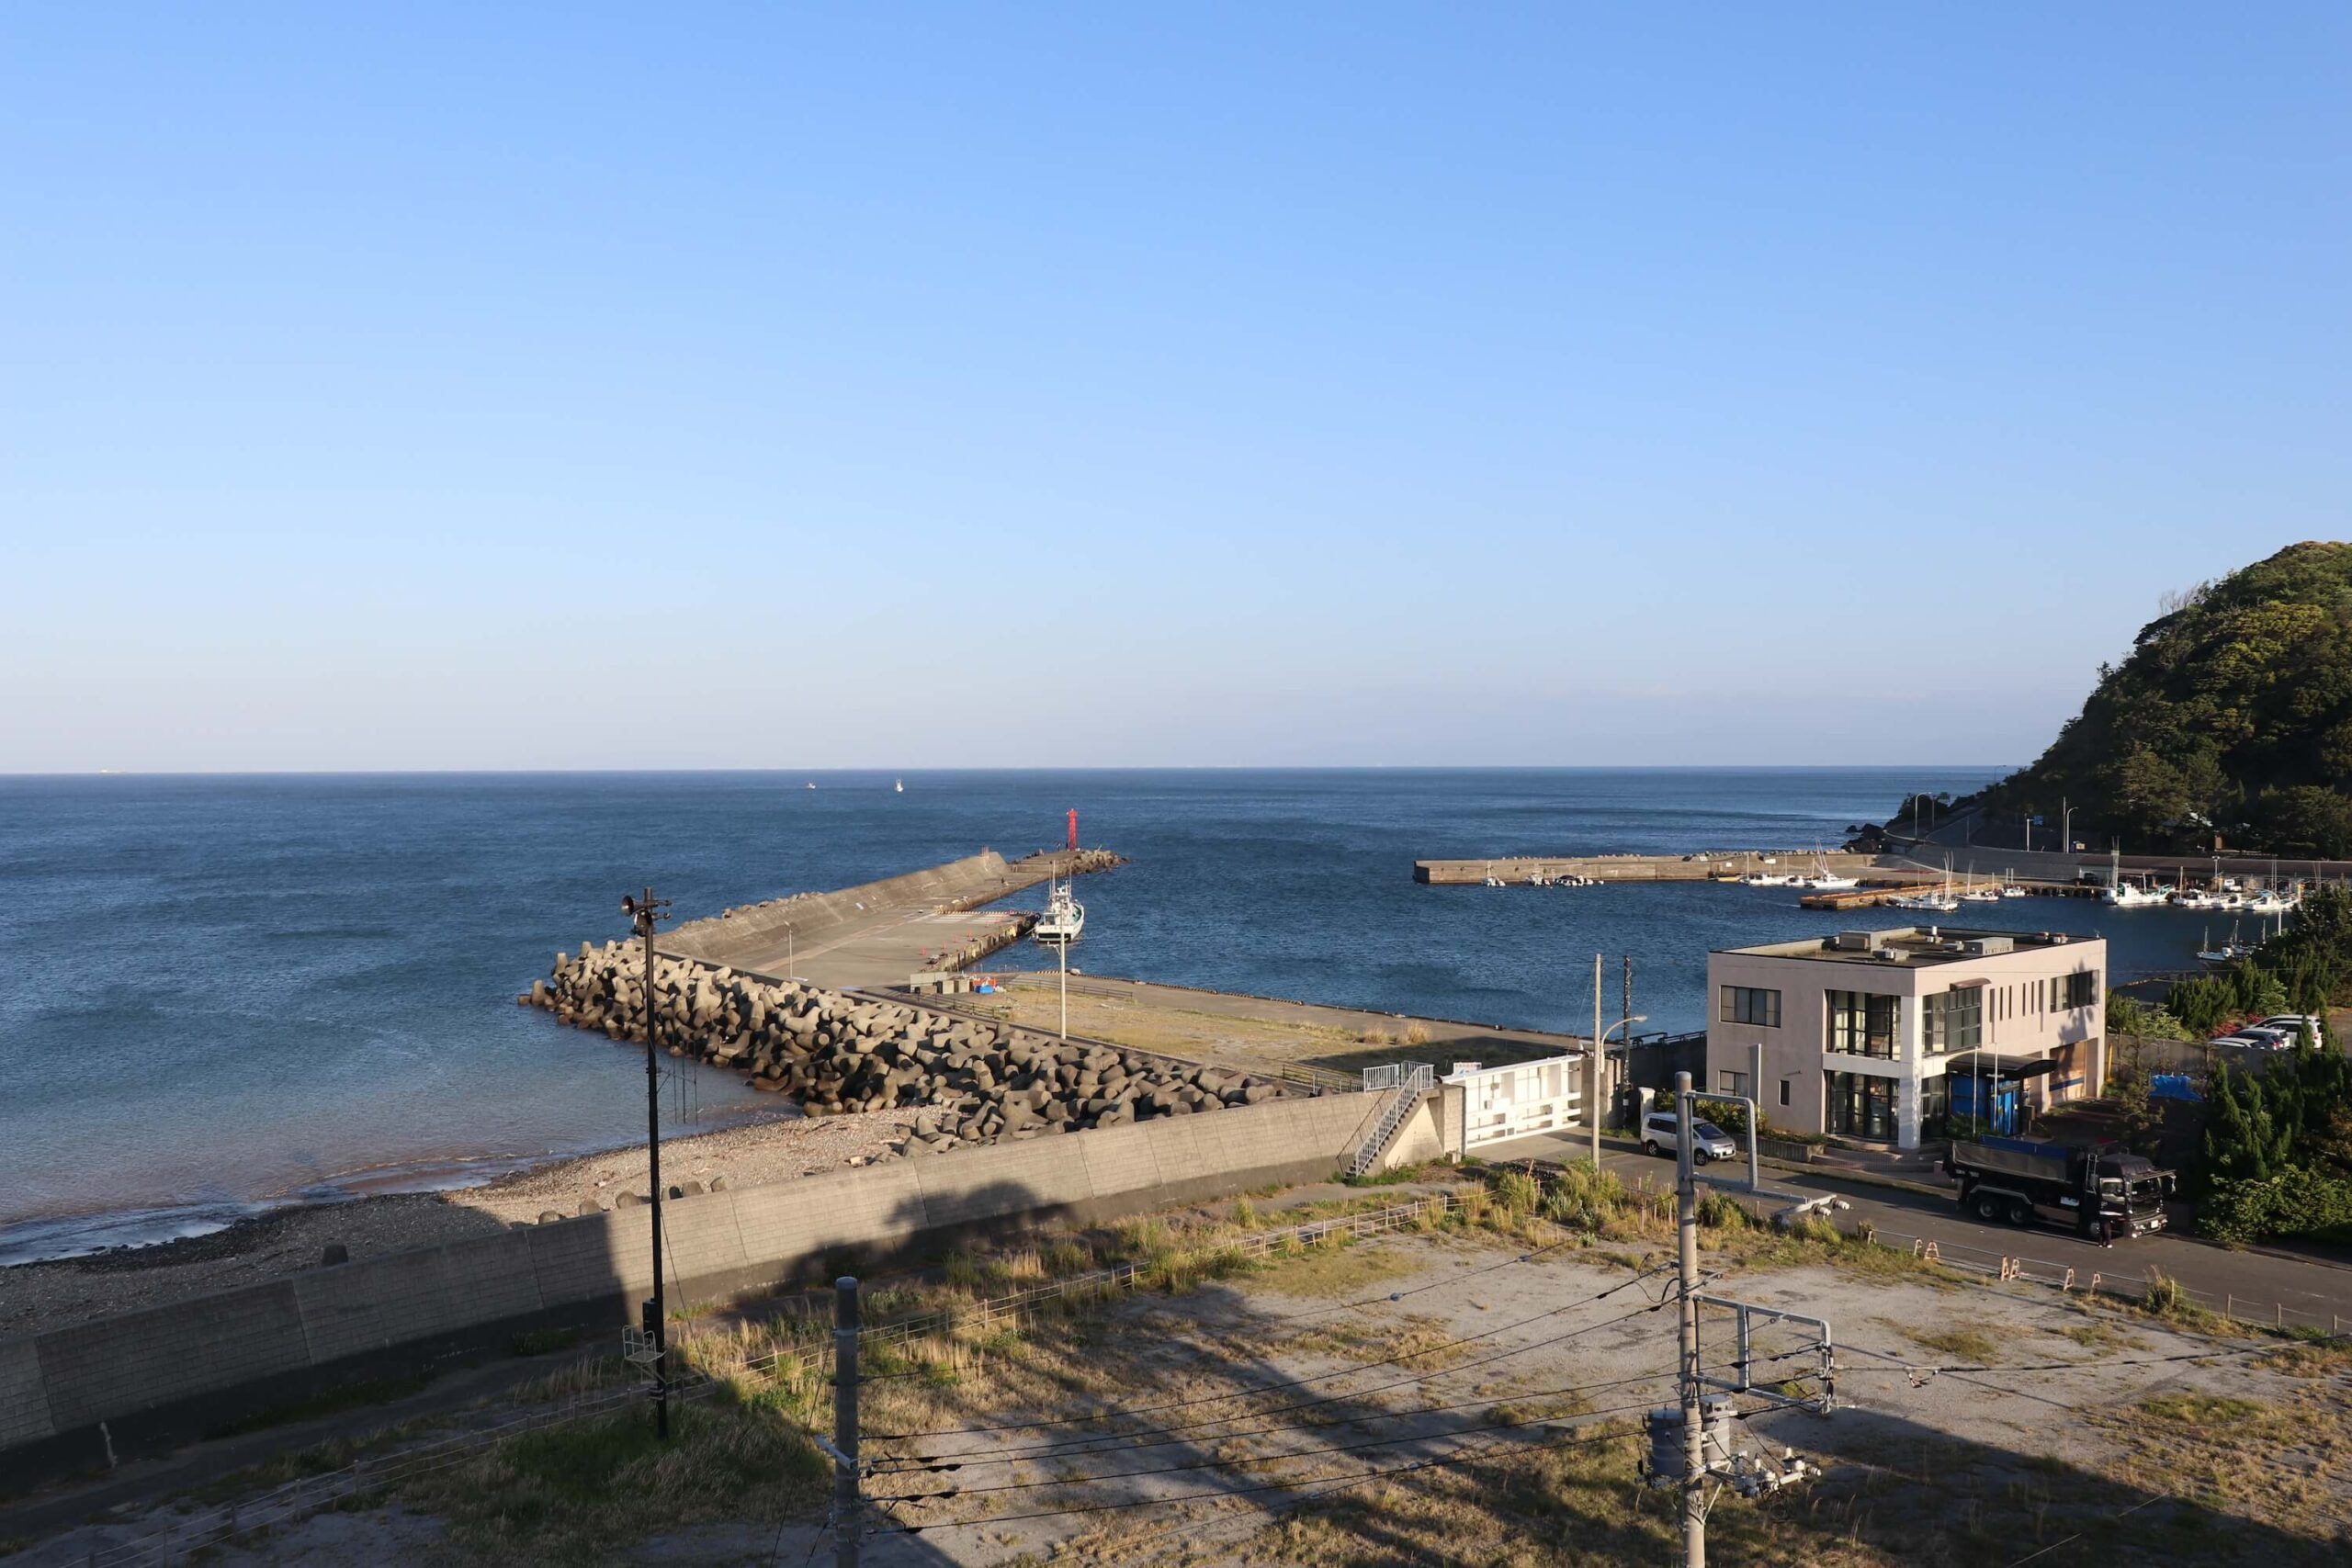 粋松亭の「やさしさに包まれて」の朝の海の眺め